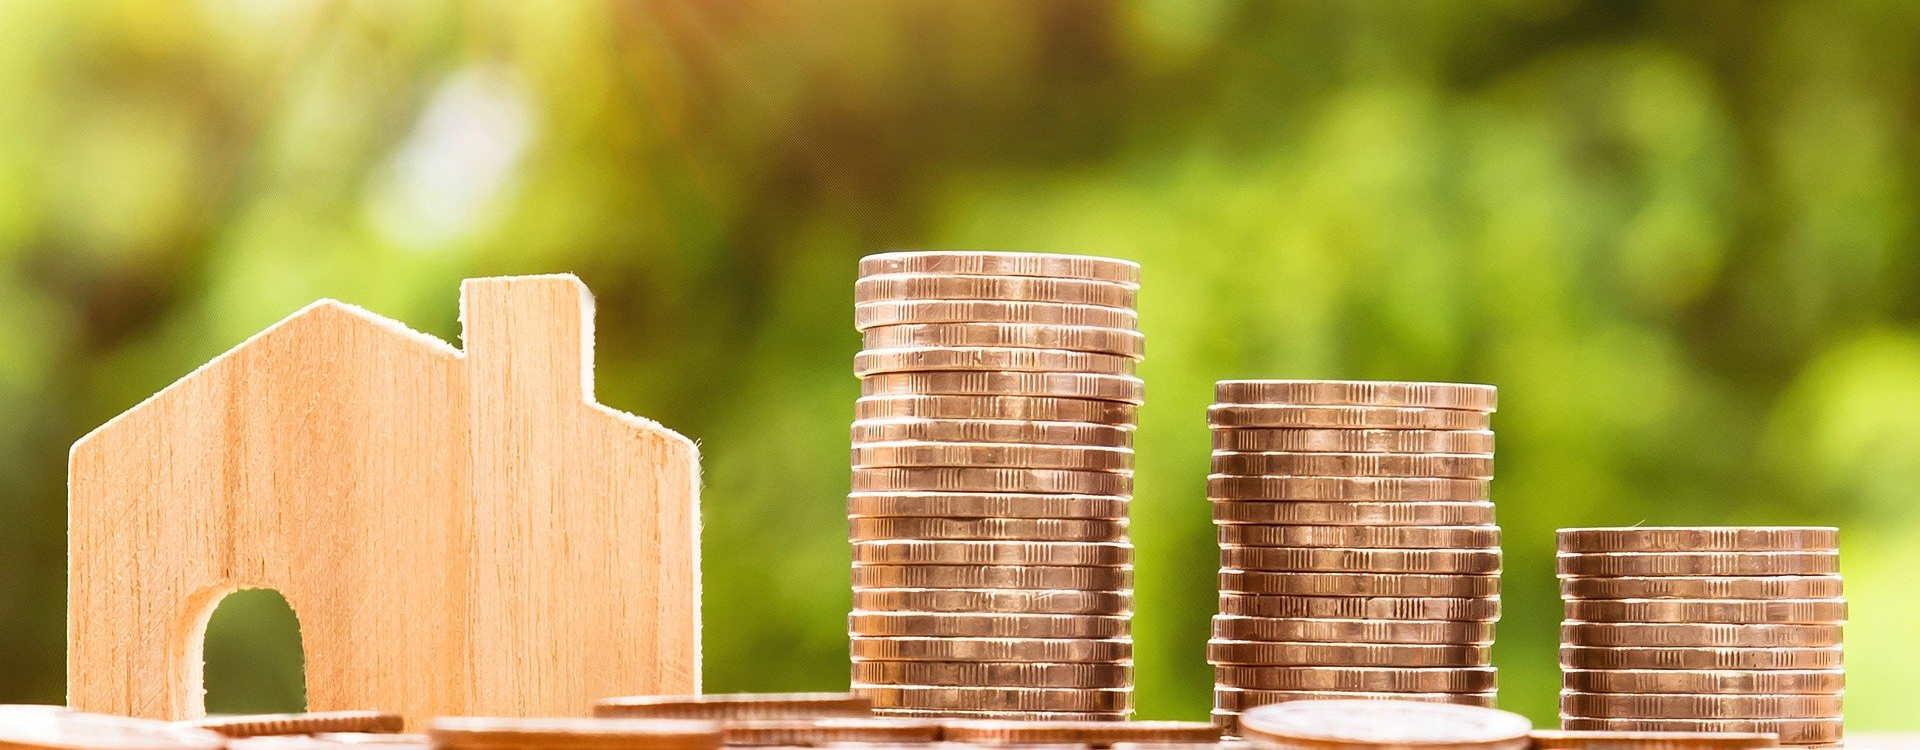 richtigen Verkaufspreis für die Immobilie finden